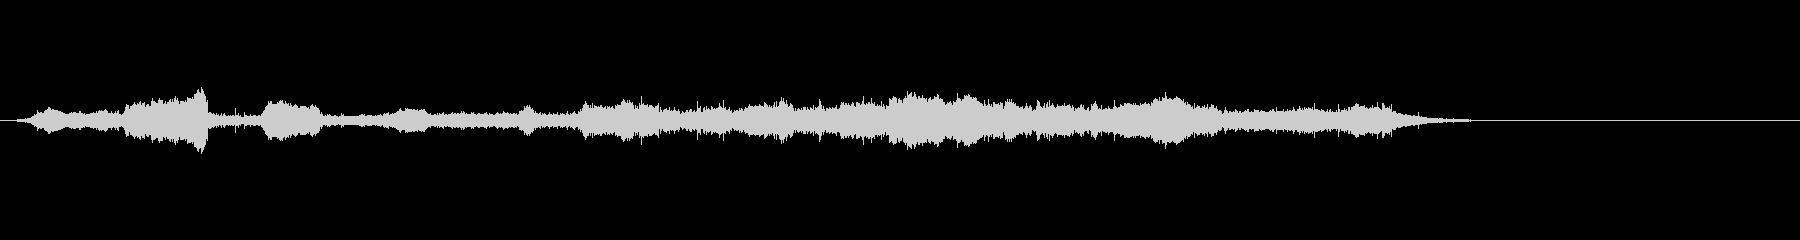 群集(20、000):ホイッスル/...の未再生の波形